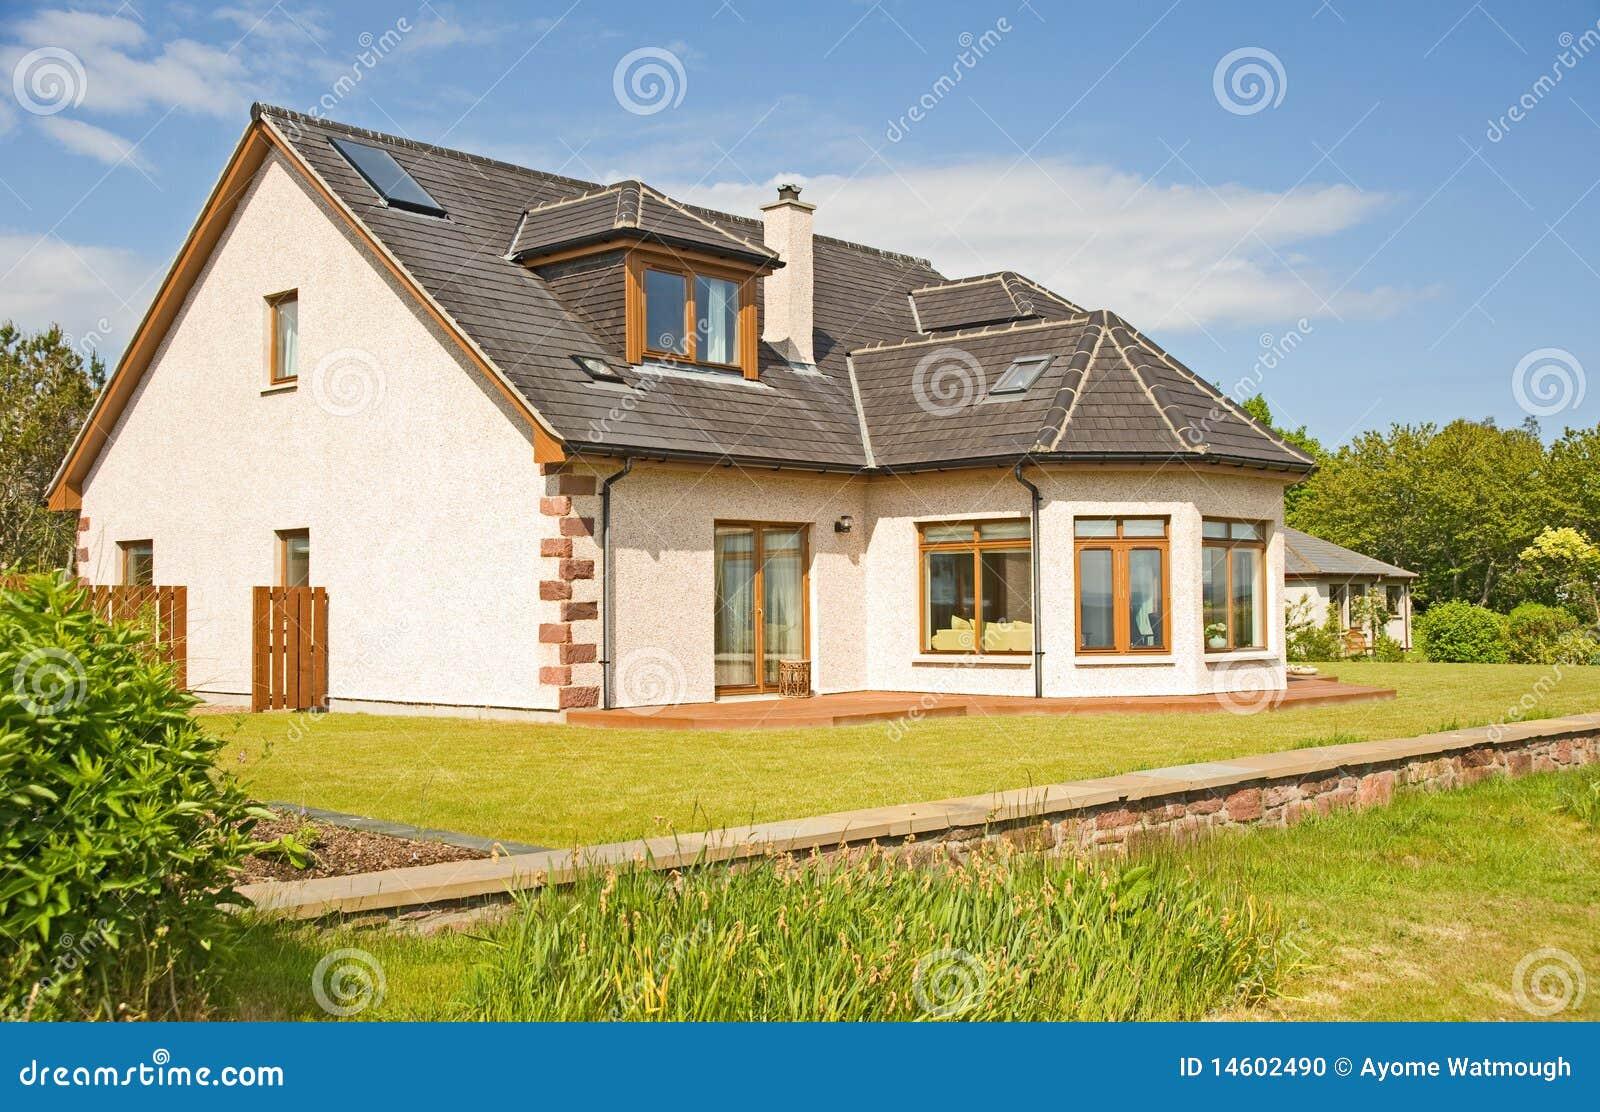 Maison Moderne Avec La Cheminee Et Le Jardin Photo Stock Image Du